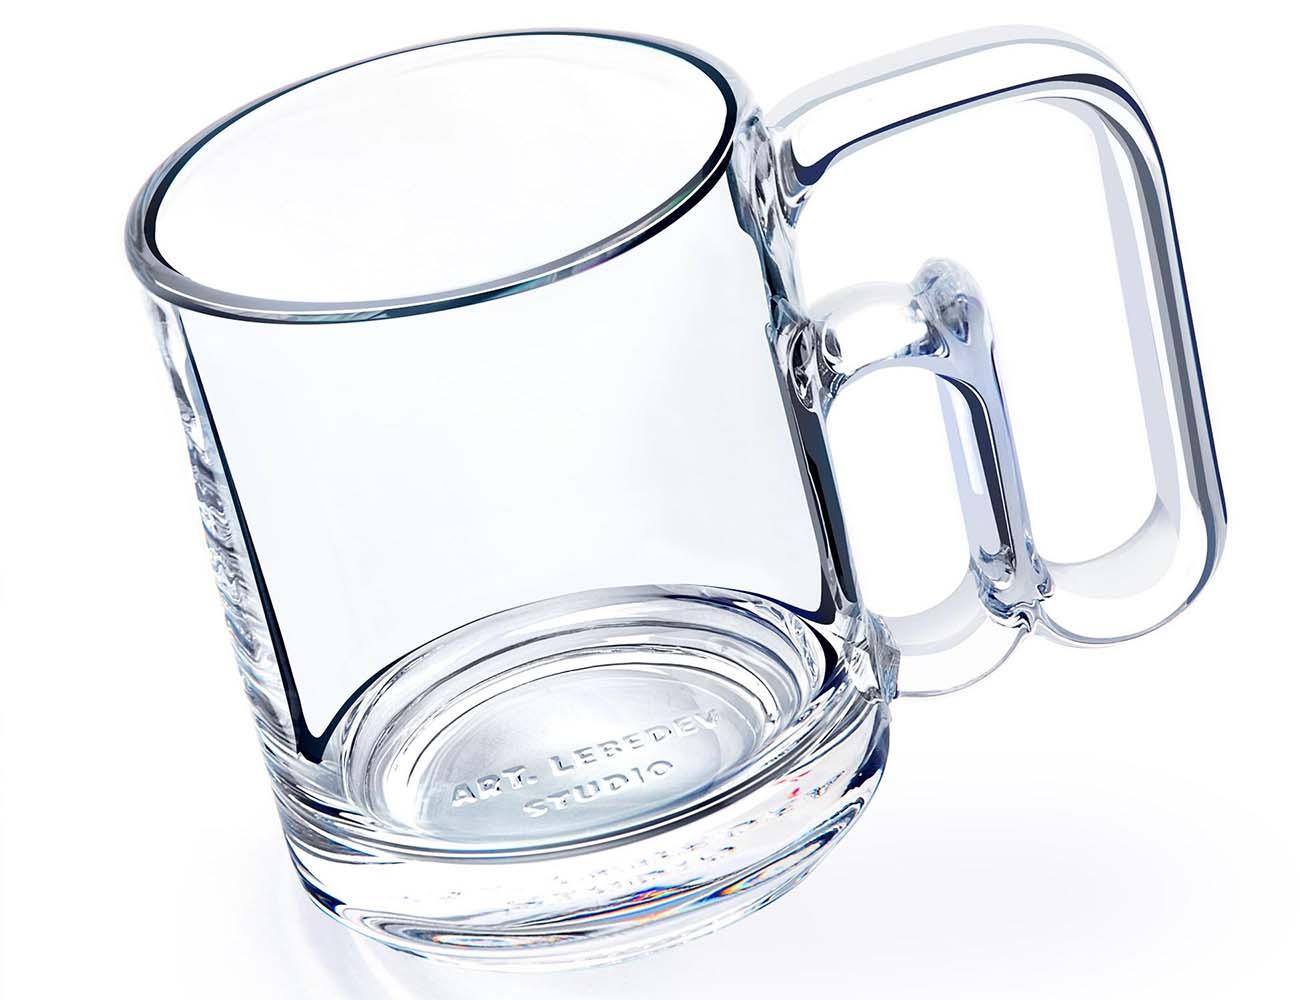 Atmarkus 3G Glass Mug from Art. Lebedev Studio